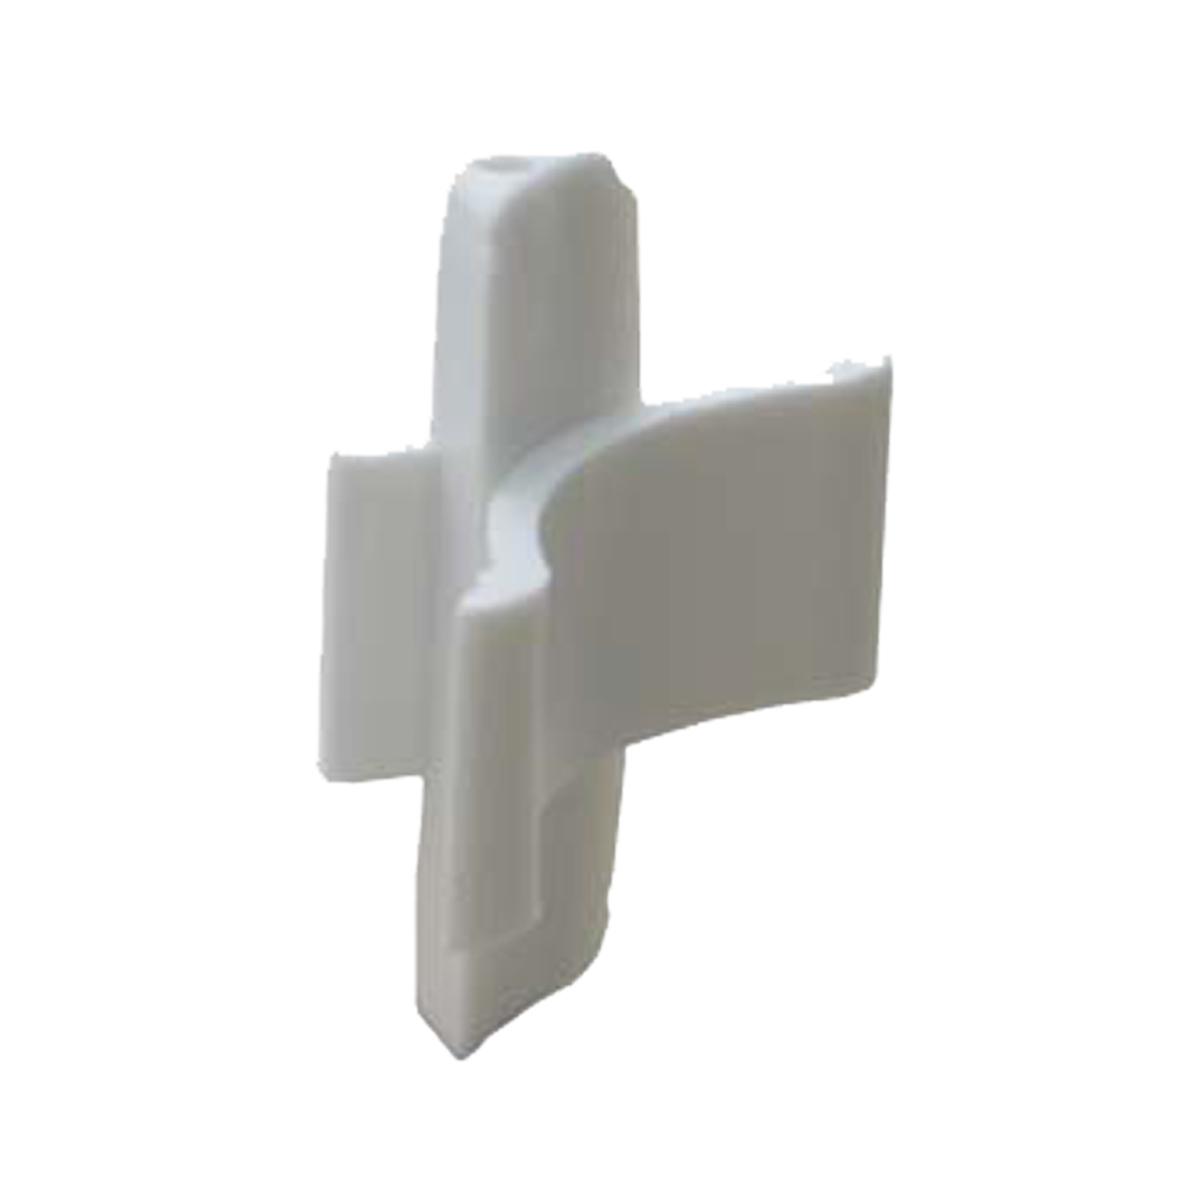 Profili per rivestimenti Accessori Sanitec SBG30 Profilitec